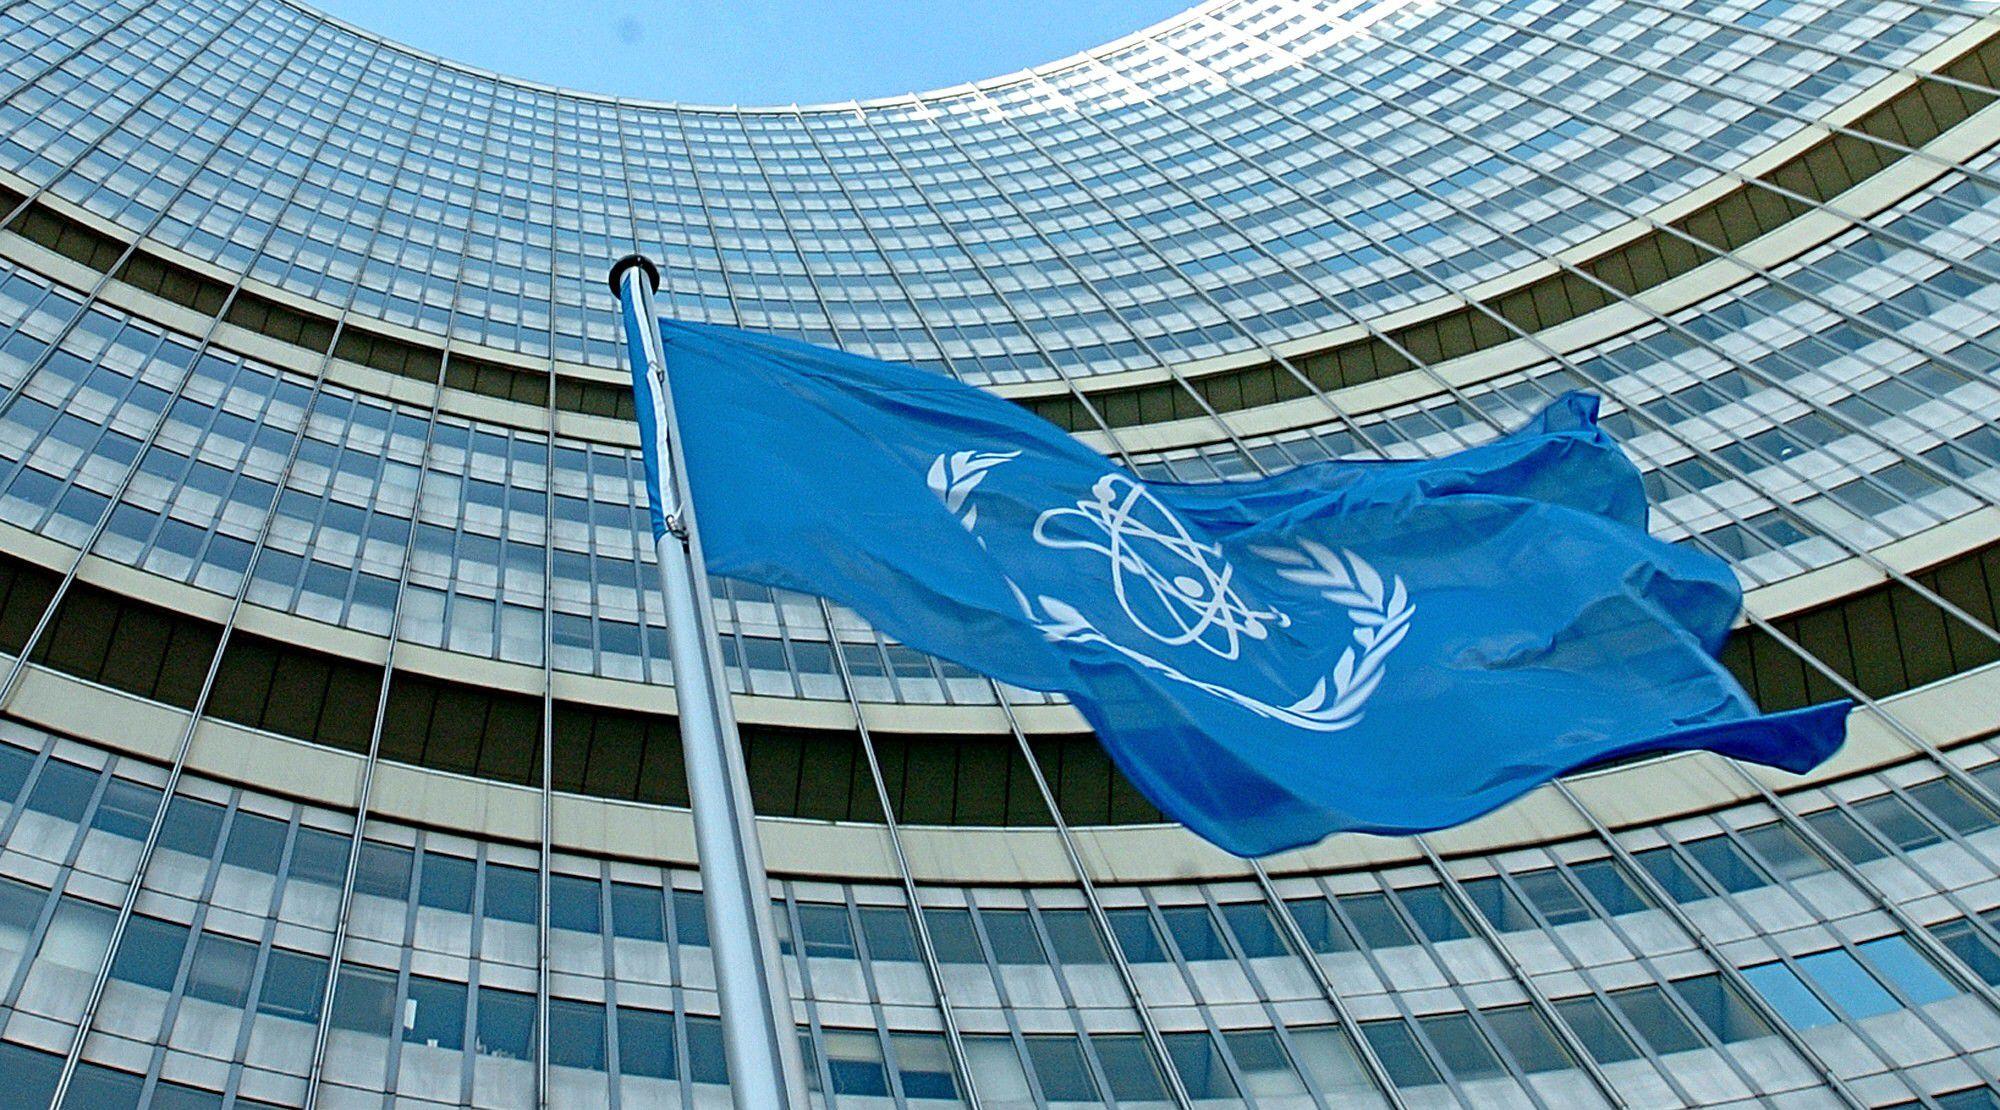 La bandera del OIEA flameando en la sede las Naciones Unidas en Viena (Joe KLAMAR / AFP)